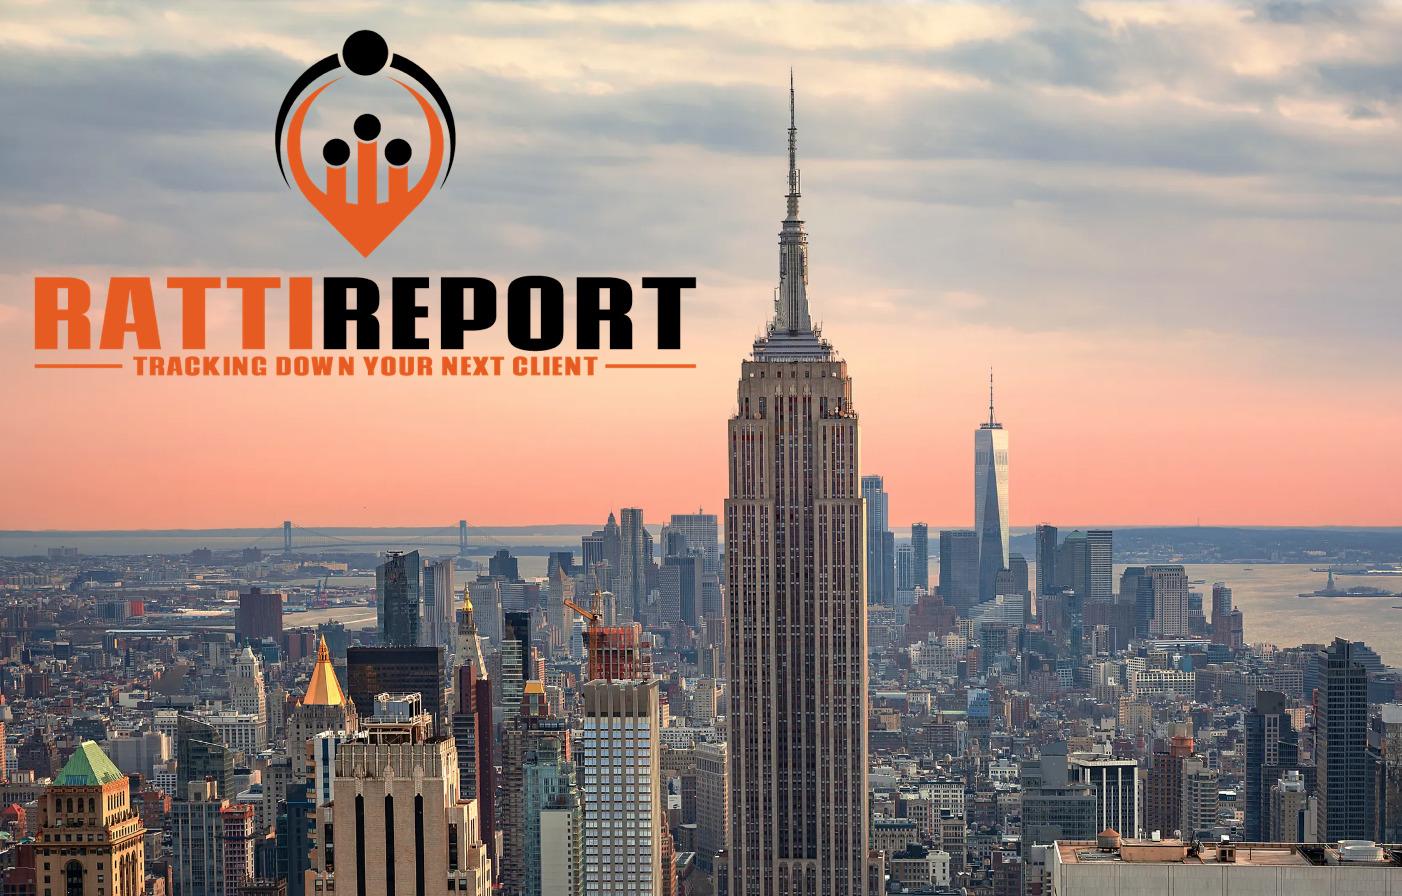 Ratti-Report.com